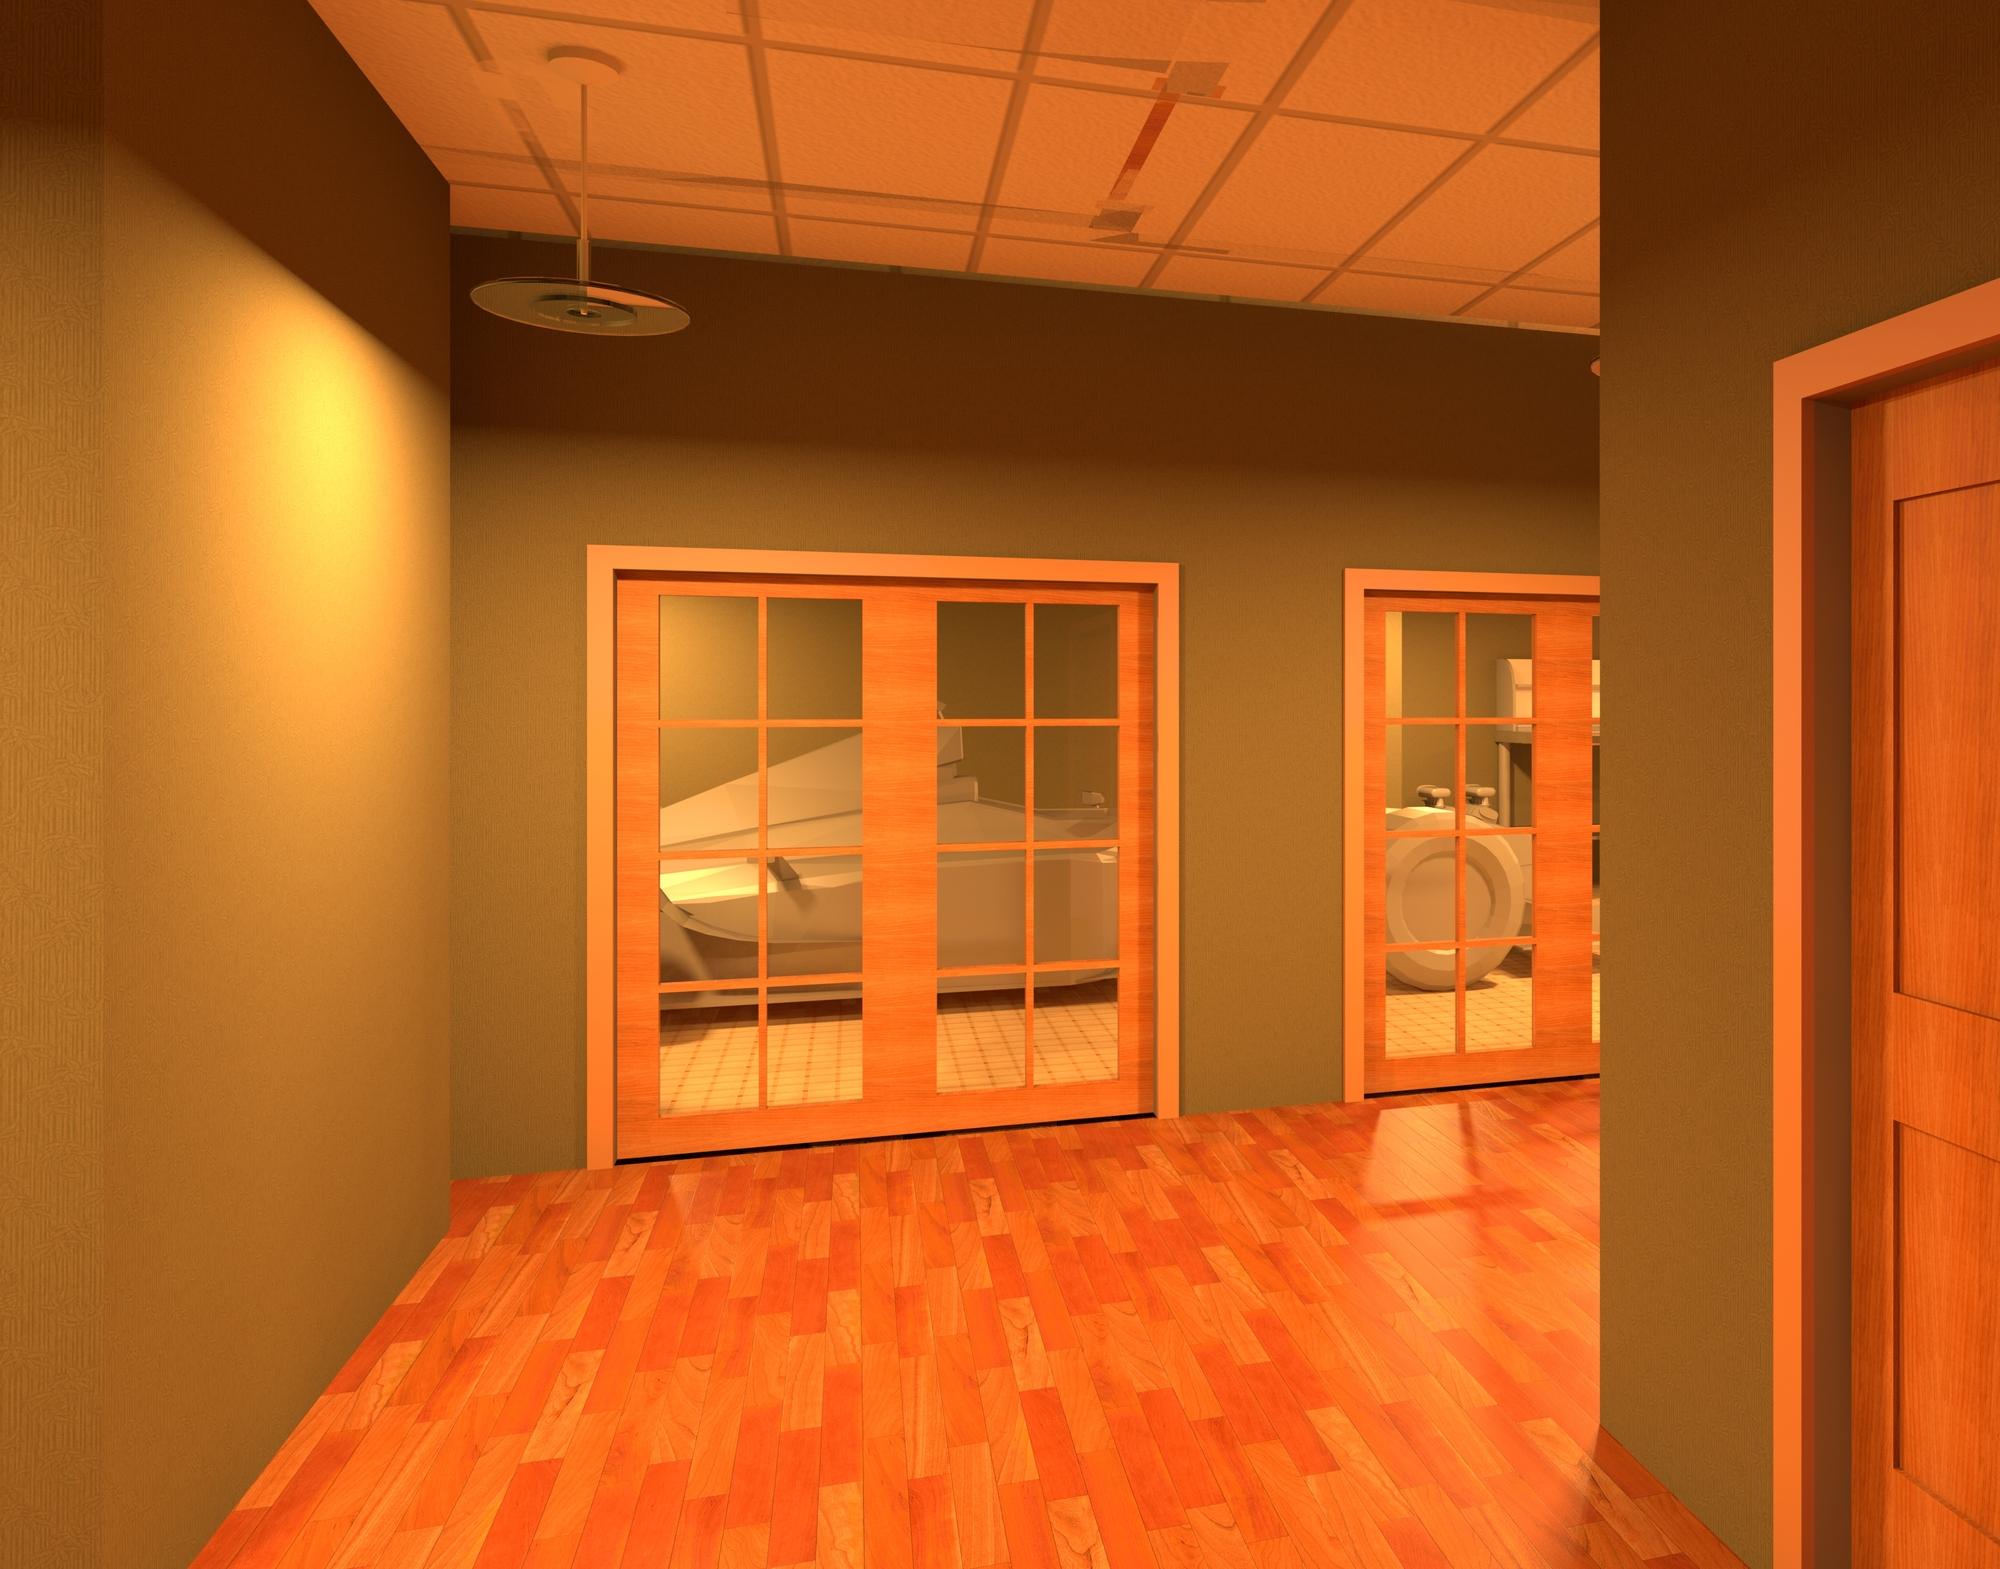 Raas-rendering20140930-5011-itrhvw